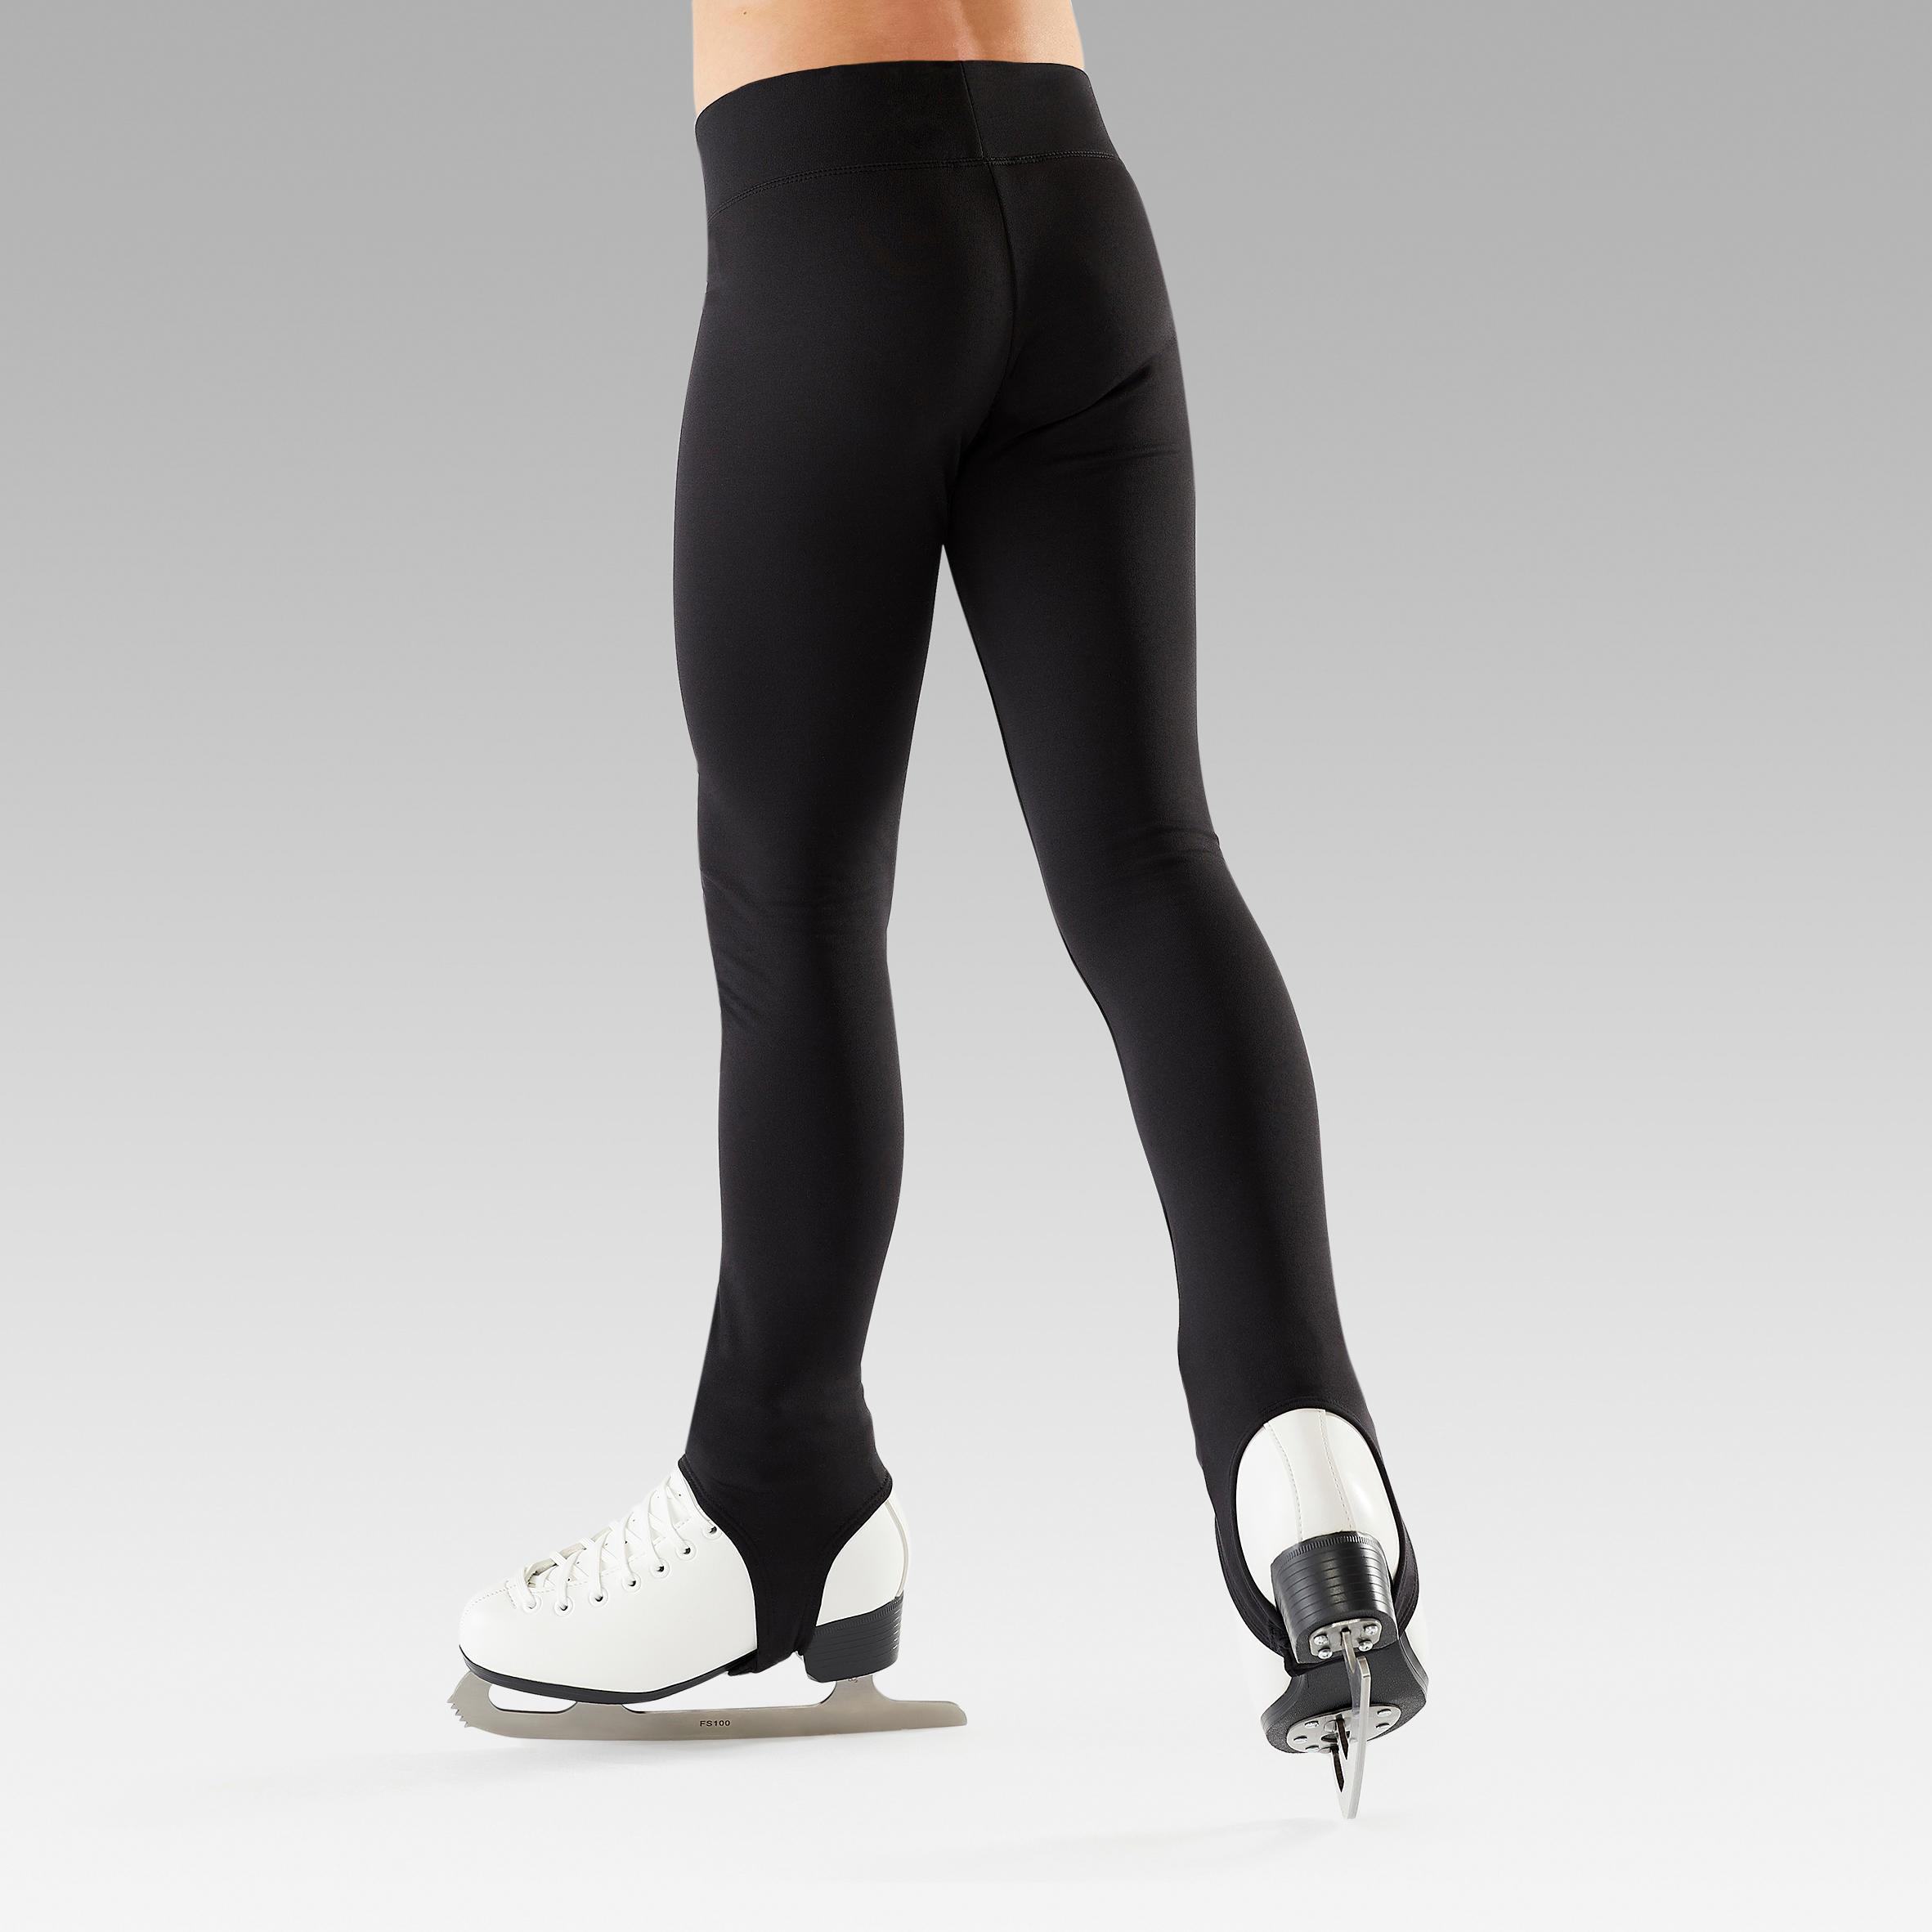 Hhwei Pratique du Patinage Artistique Pantalons pour Filles Molletonn/és Collants Leggings